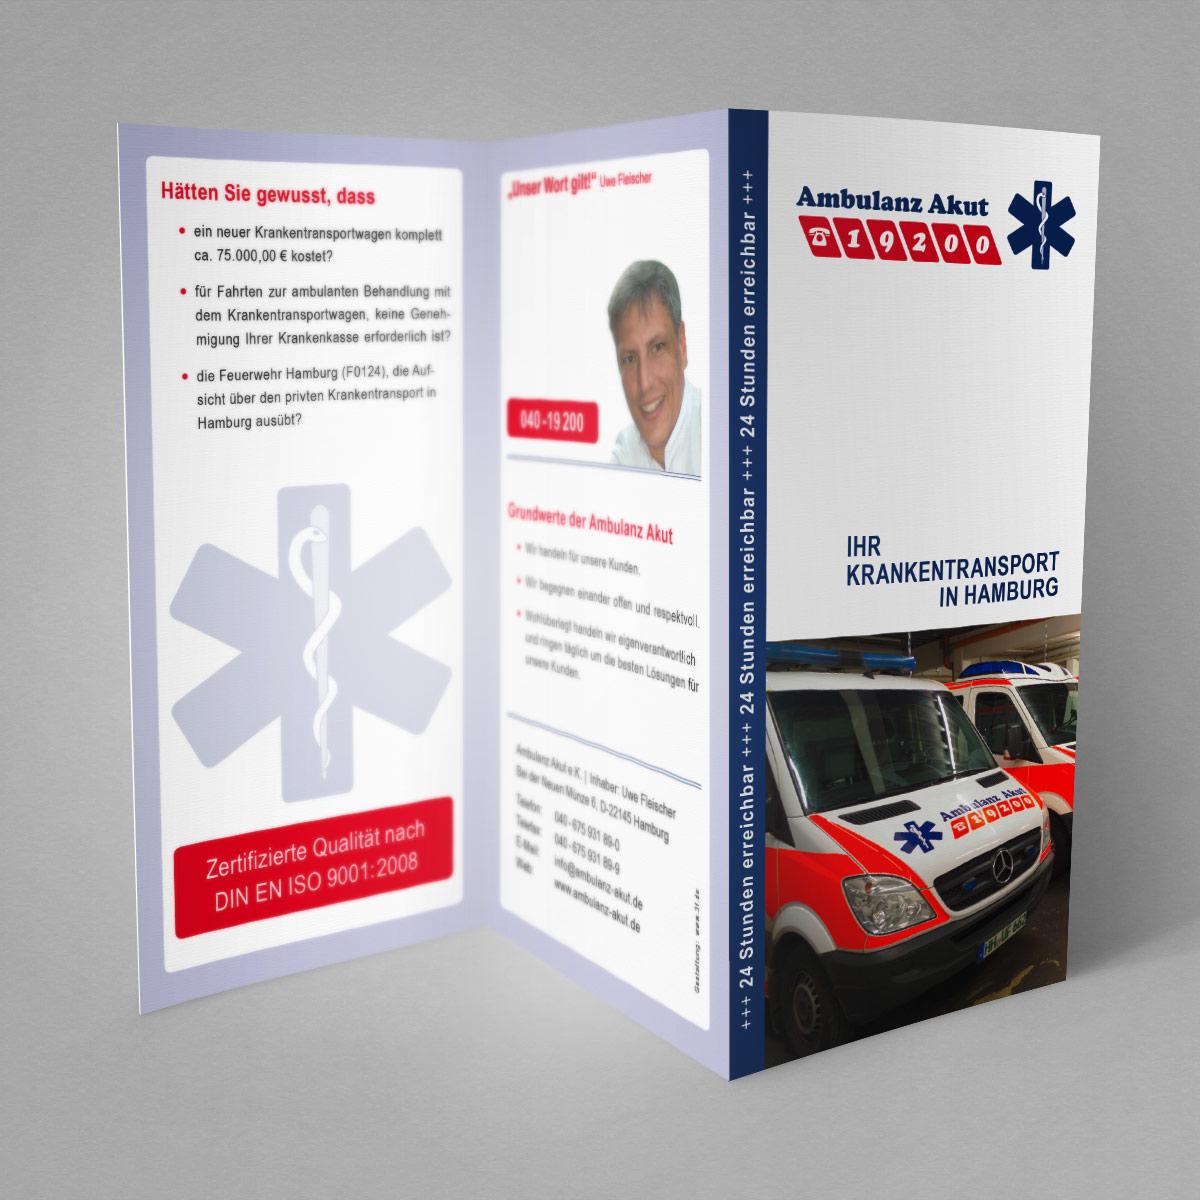 Ambulanz Akut Flyer, Hamburg